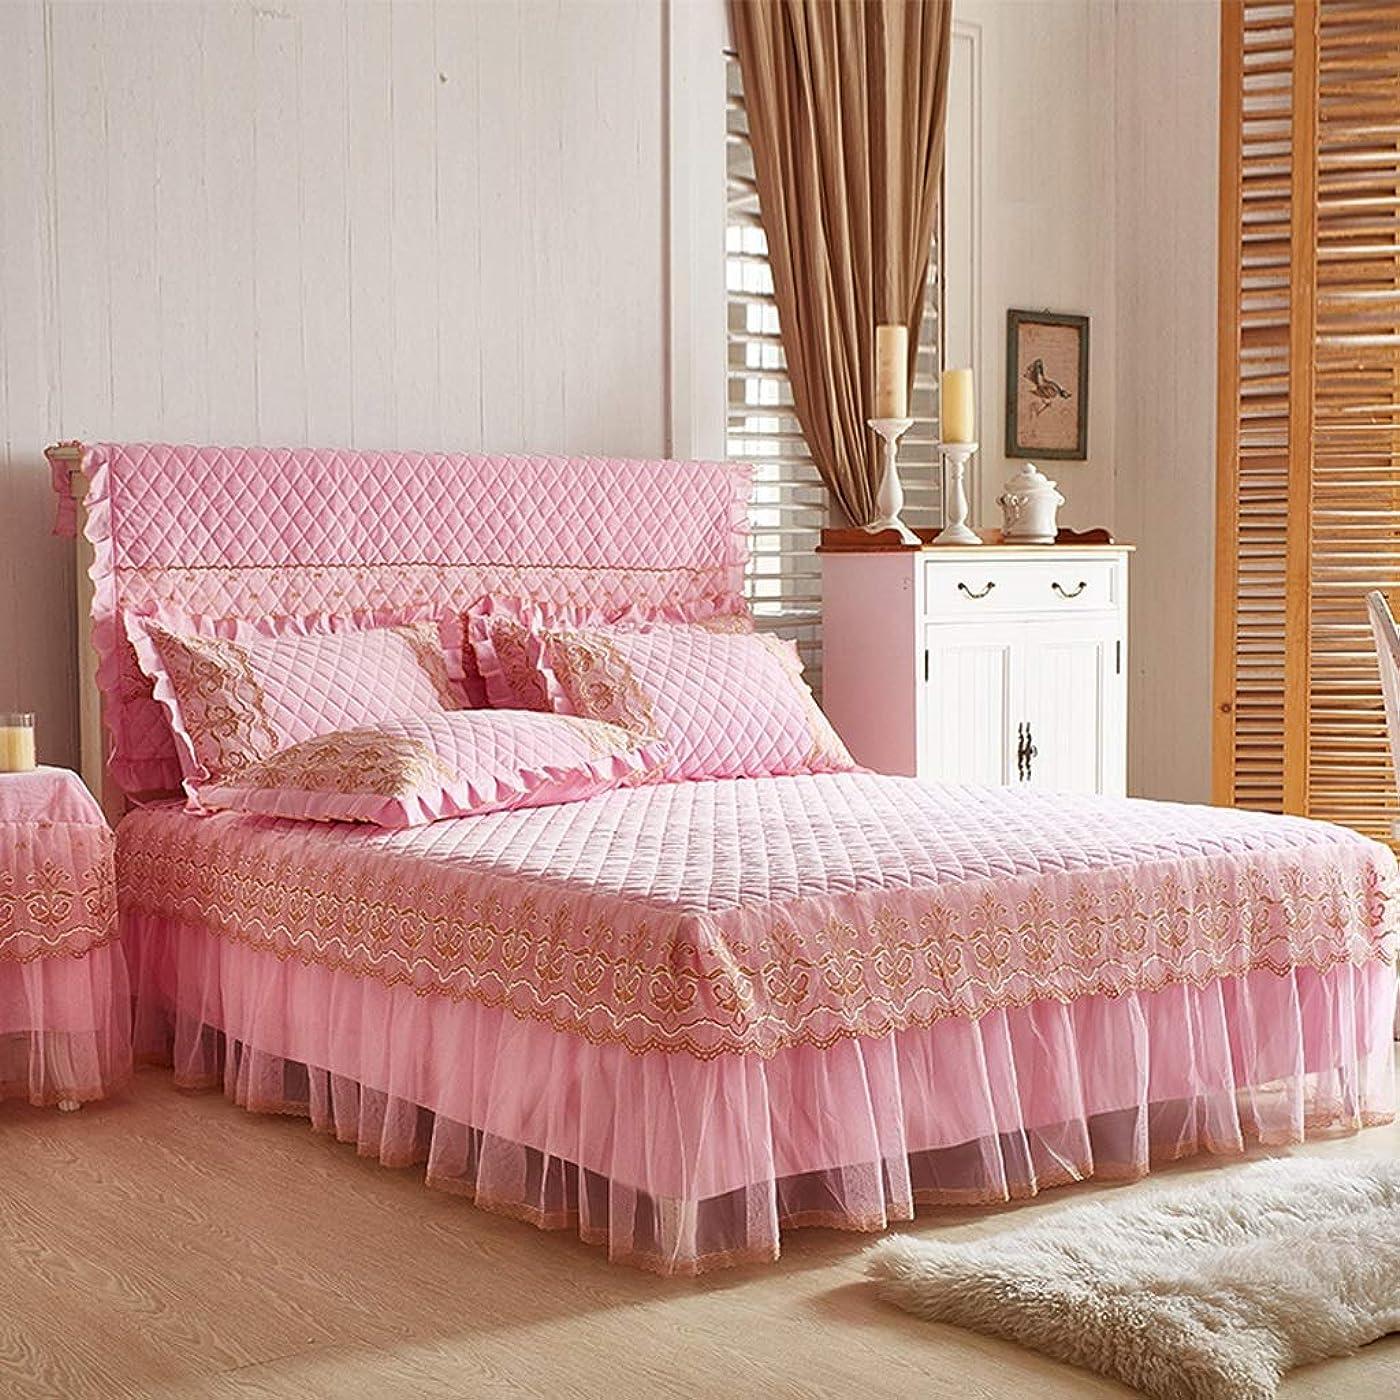 折り目世辞ライバル高級コットンスエードベッドスカートスーツ機洗える寝具プリーツベッドカバー弾性バンド固定滑り止め保護ケース - ほこり (色 : C pink, サイズ さいず : 180cmx200cm+pillowcases)